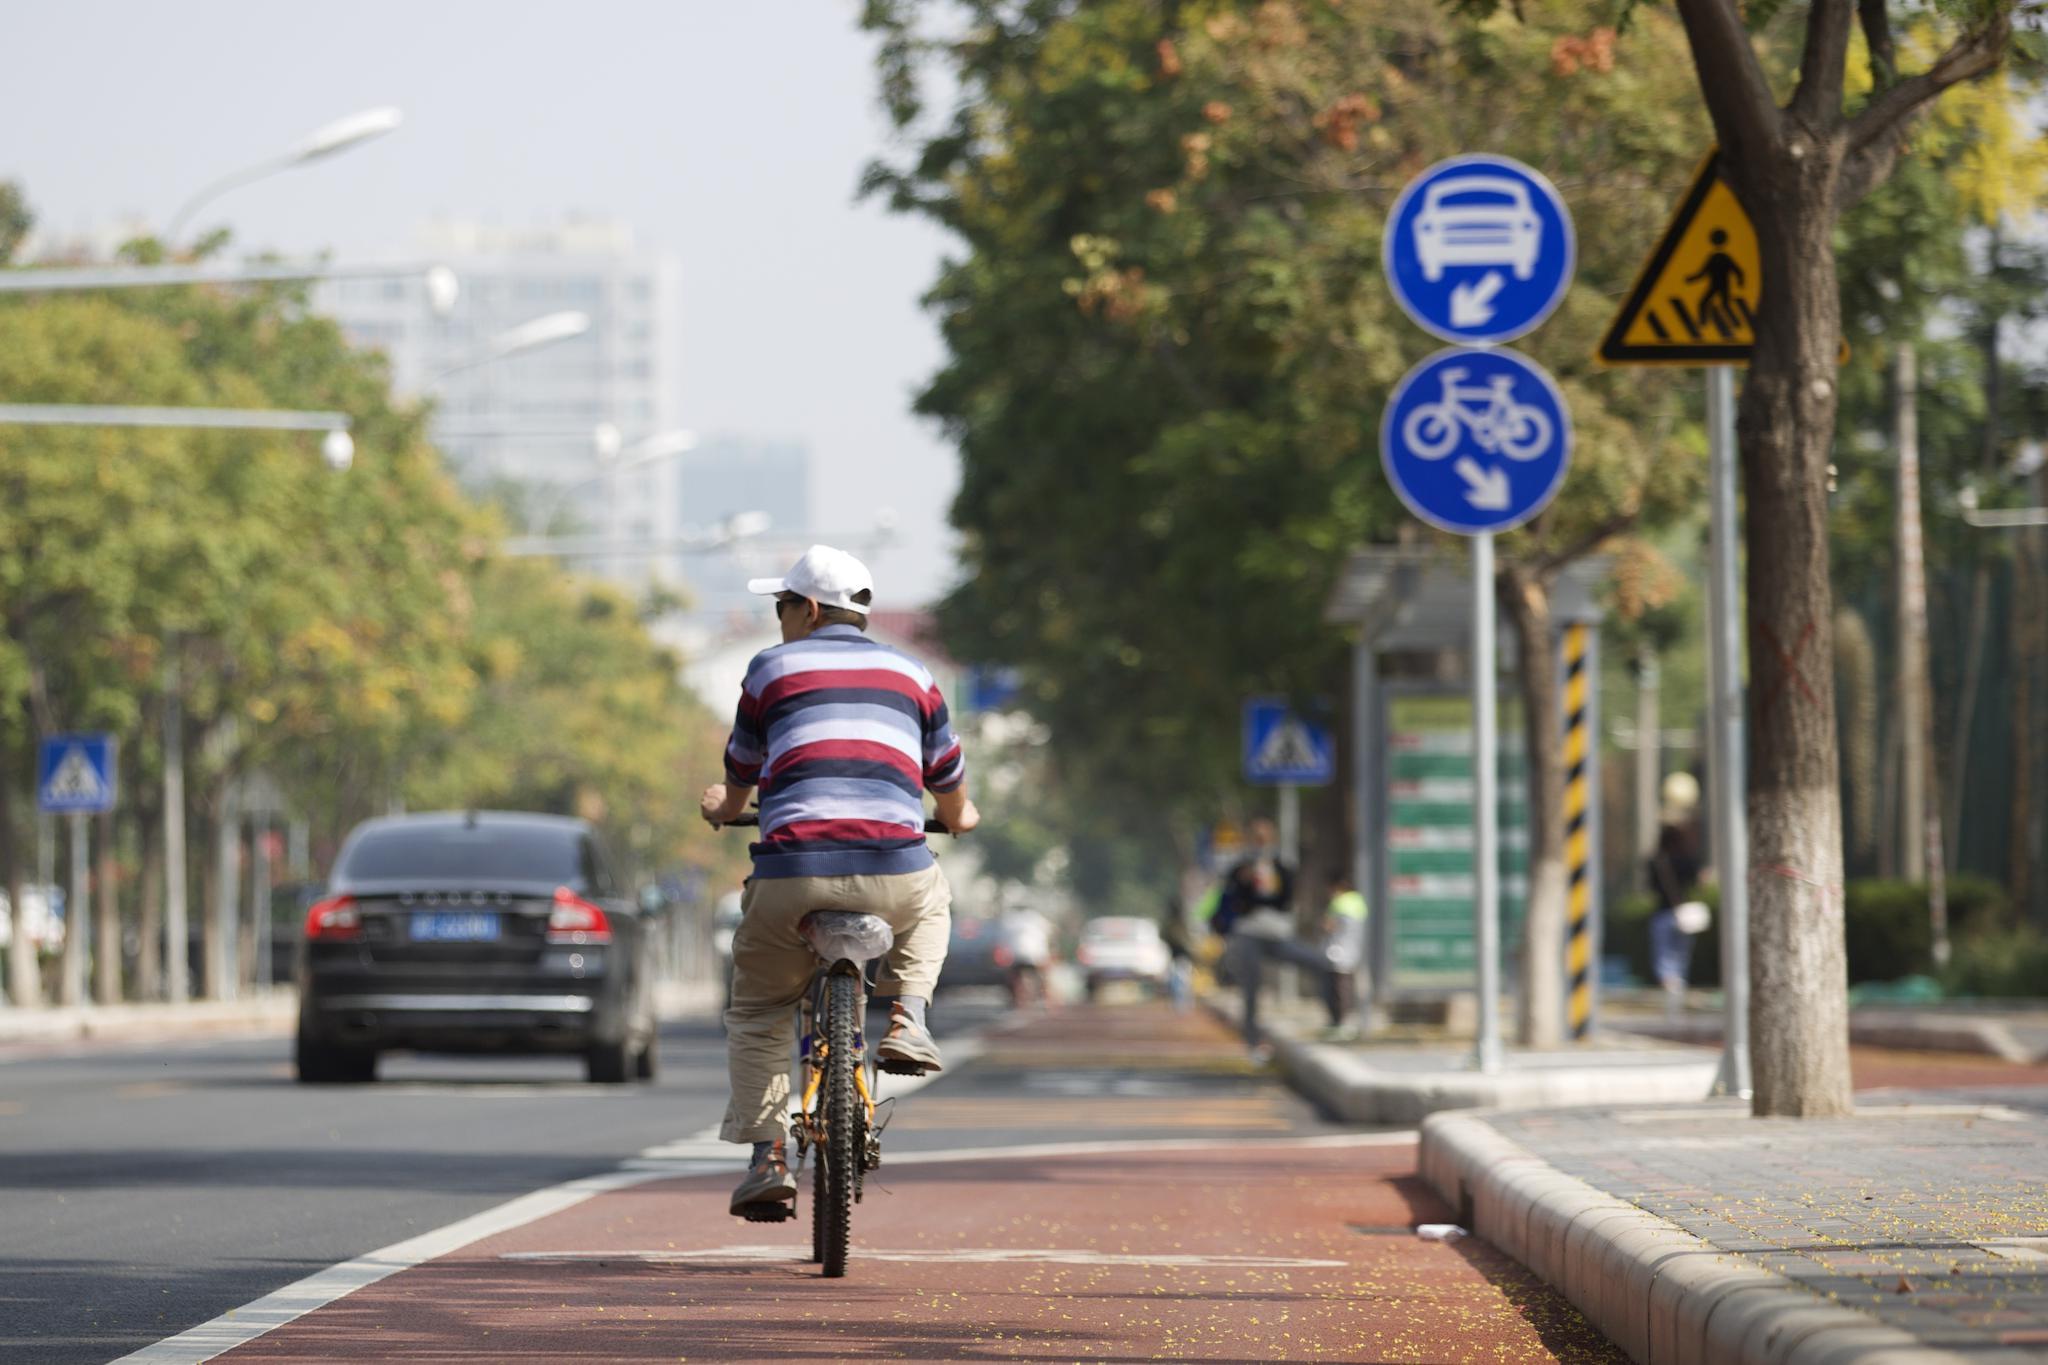 朝阳区CBD、亦庄新城等四处慢行系统示范区预计10月完工图片